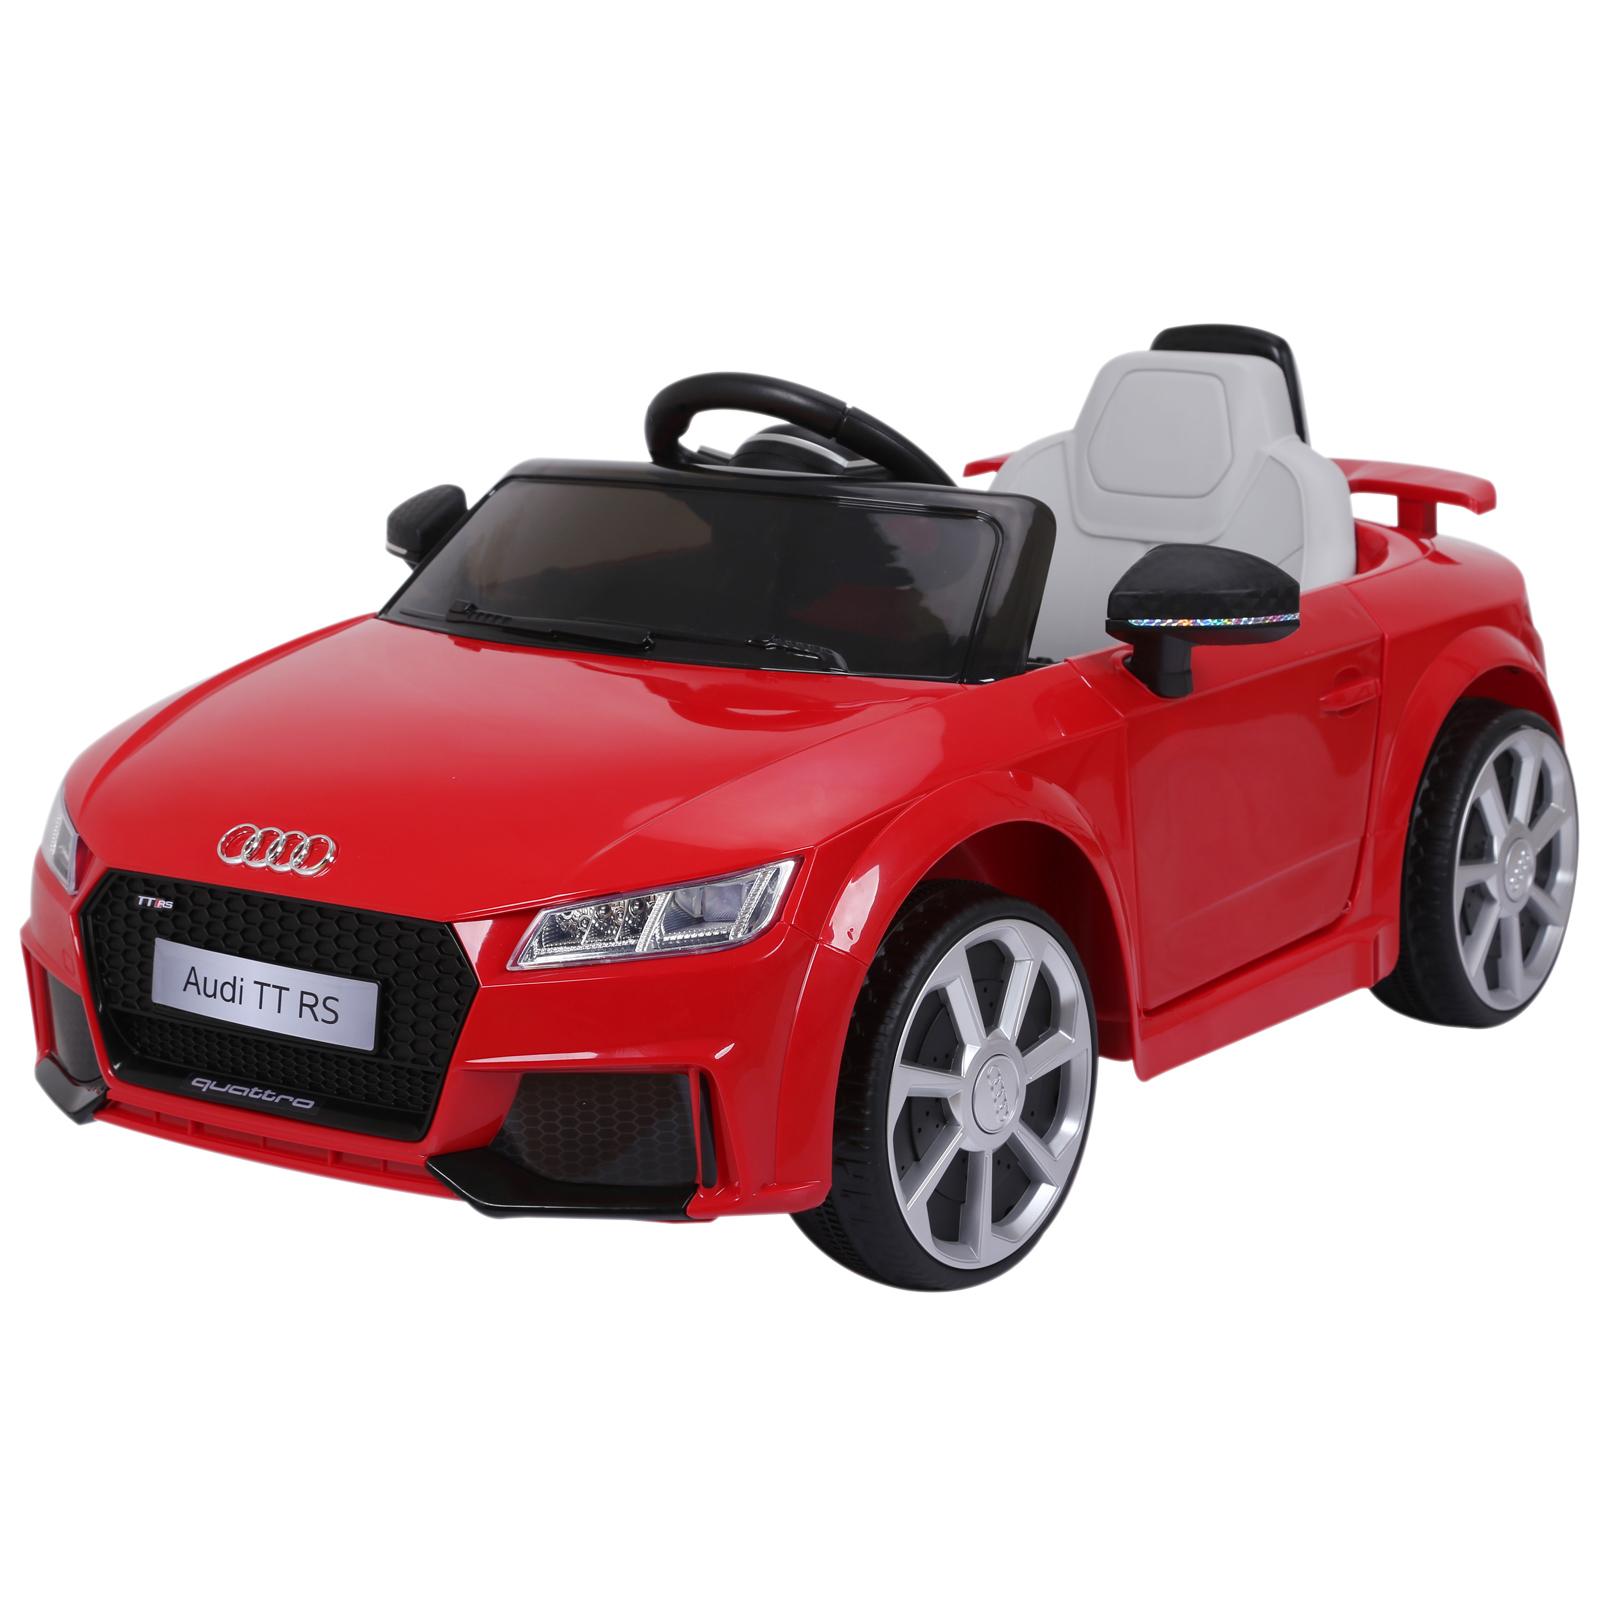 HOMCOM Audi TT Eléctrico Infantil Coche Juguete Niño +3 Años Mando a Distancia Música y Luces Aprendizaje Batería Doble Puerta Carga 30kg 103x63x44cm